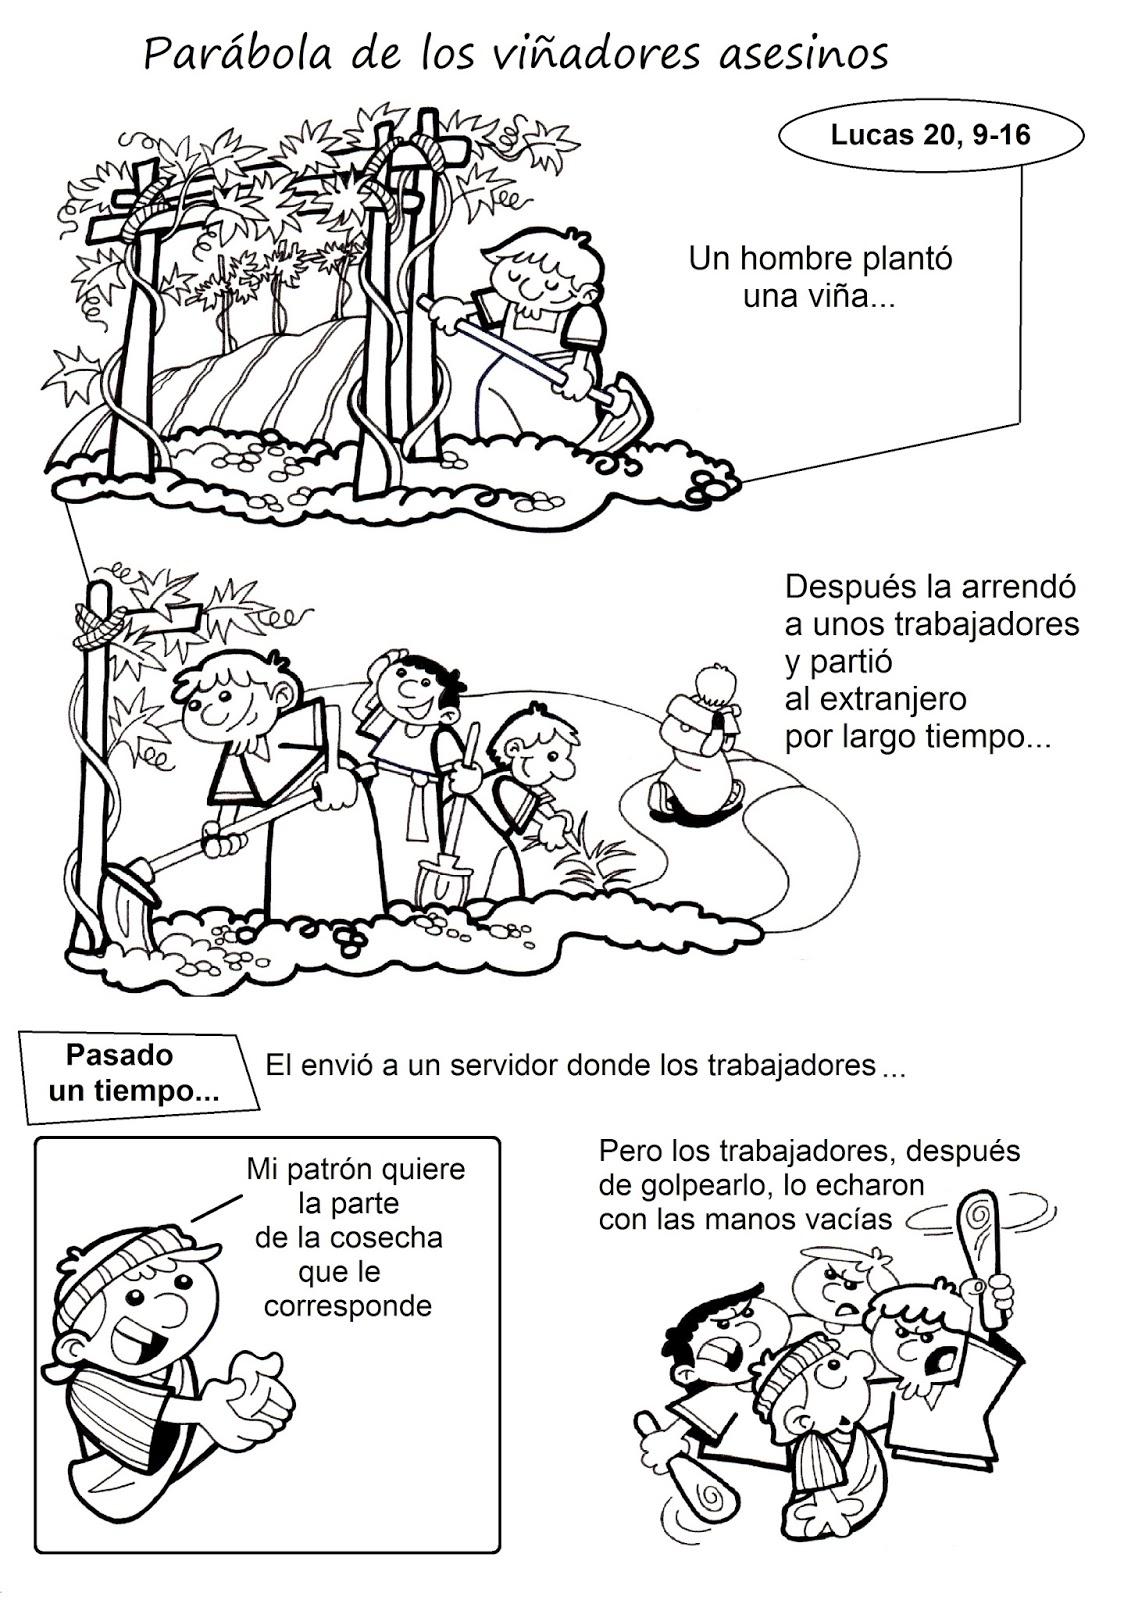 Matrimonio Catolico Resumen : El rincón de las melli historieta parábola los